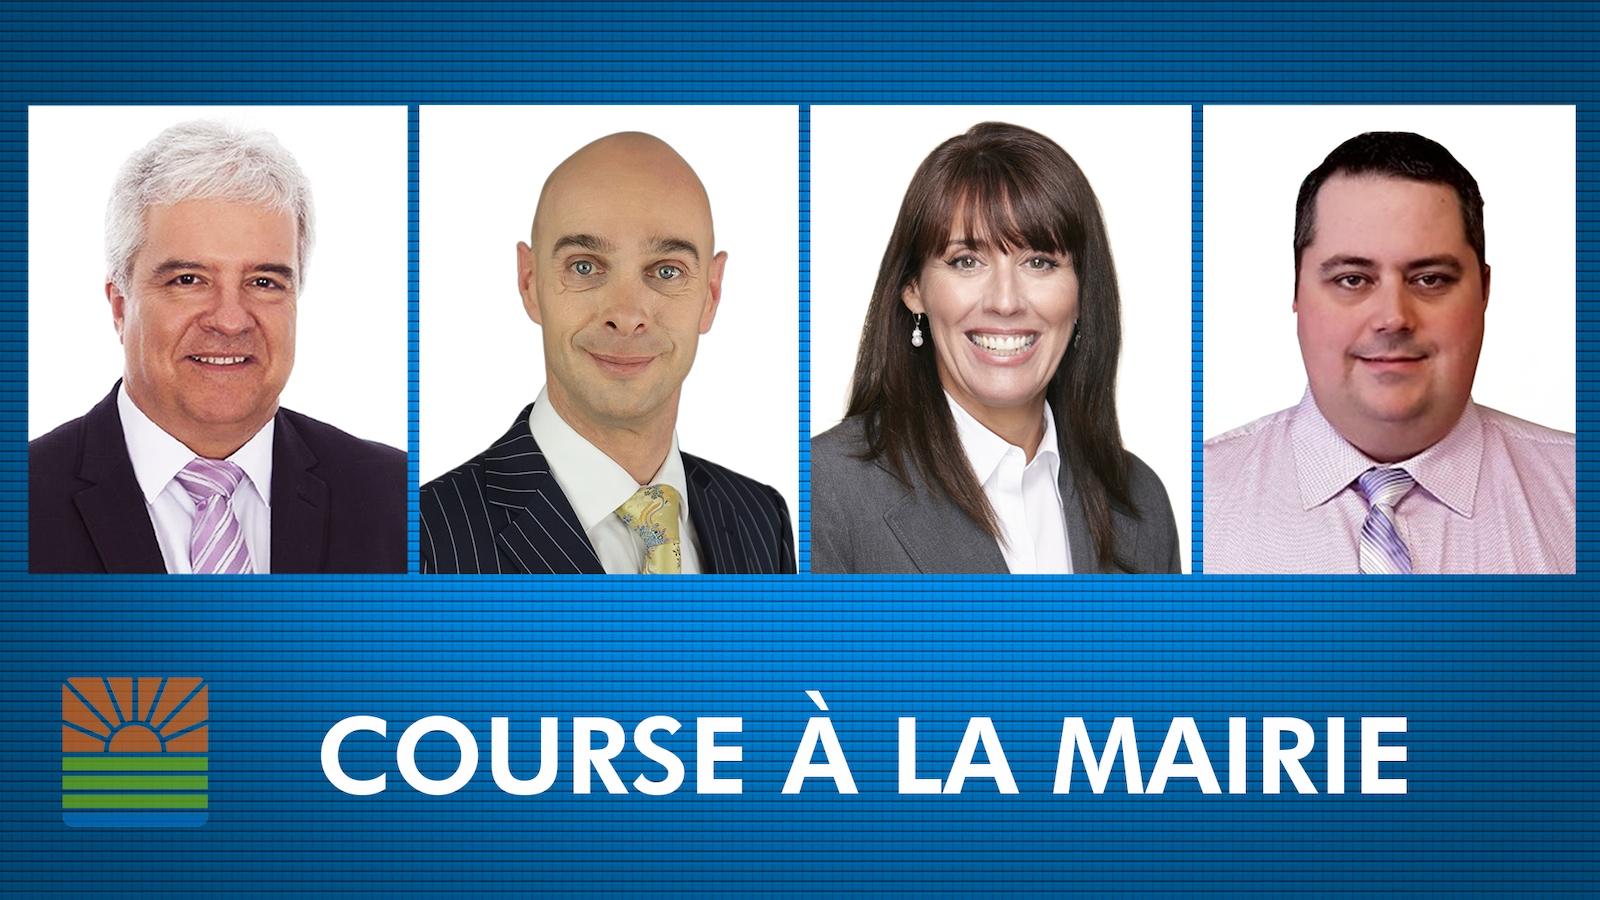 De gauche à droite, Pierre Chassé, Djanick Michaud, Chantal Pilon et Frédéric Rioux, les quatre candidats déclarés à la mairie de Rimouski en vue des élections municipales de novembre 2017